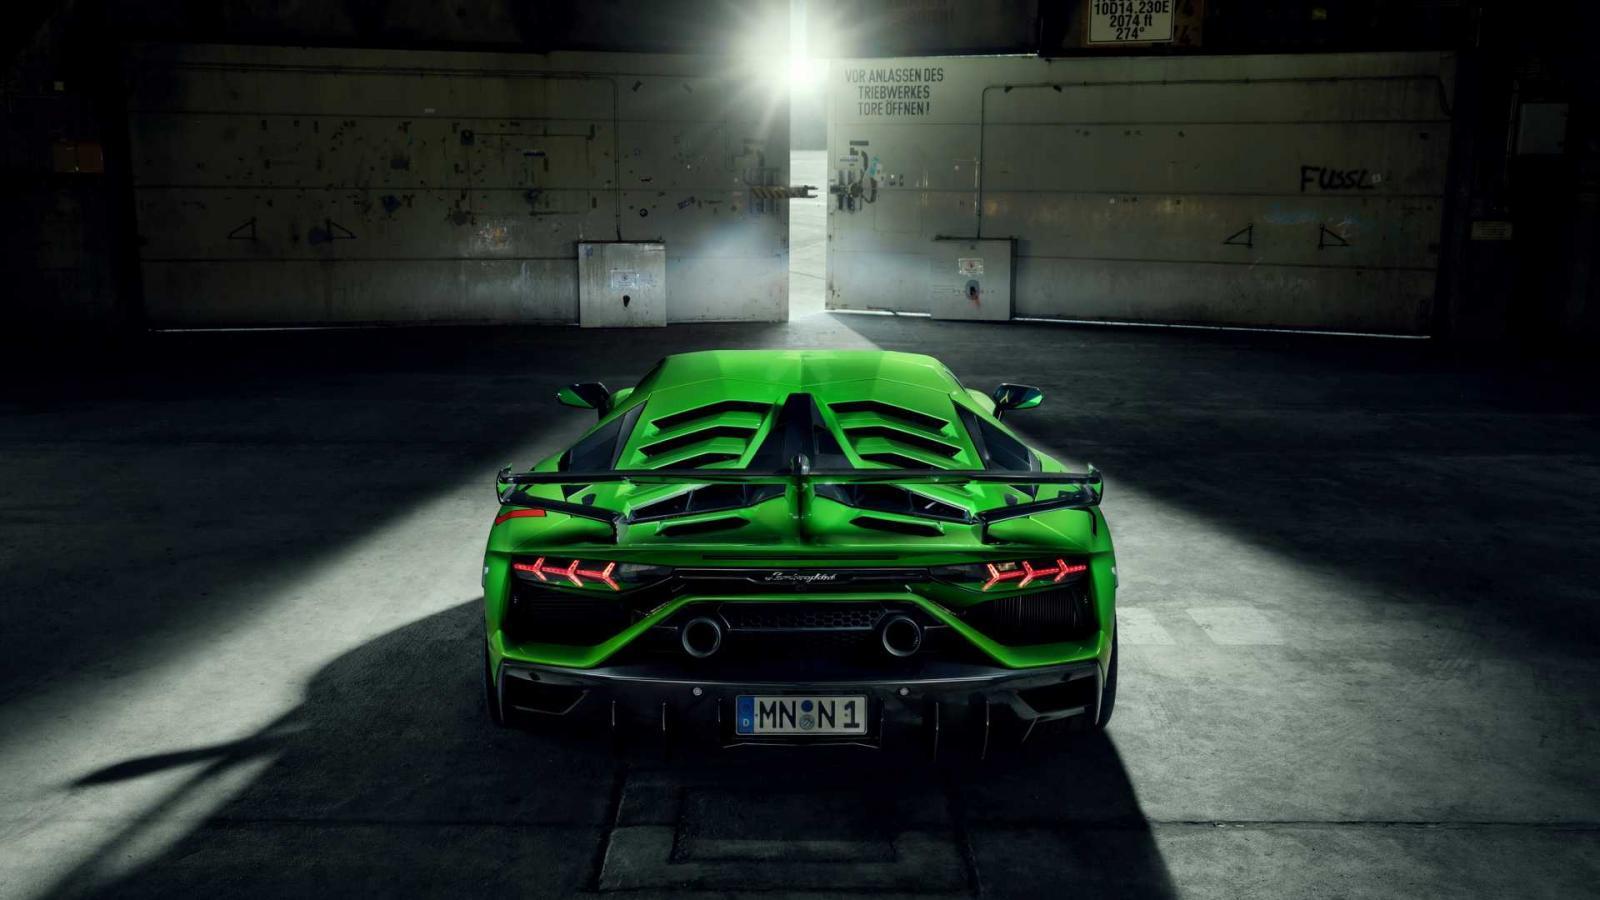 El escape del Lamborghini Aventador SVJ de Novitec logró bajar el peso del modelo base en 19 kilogramos